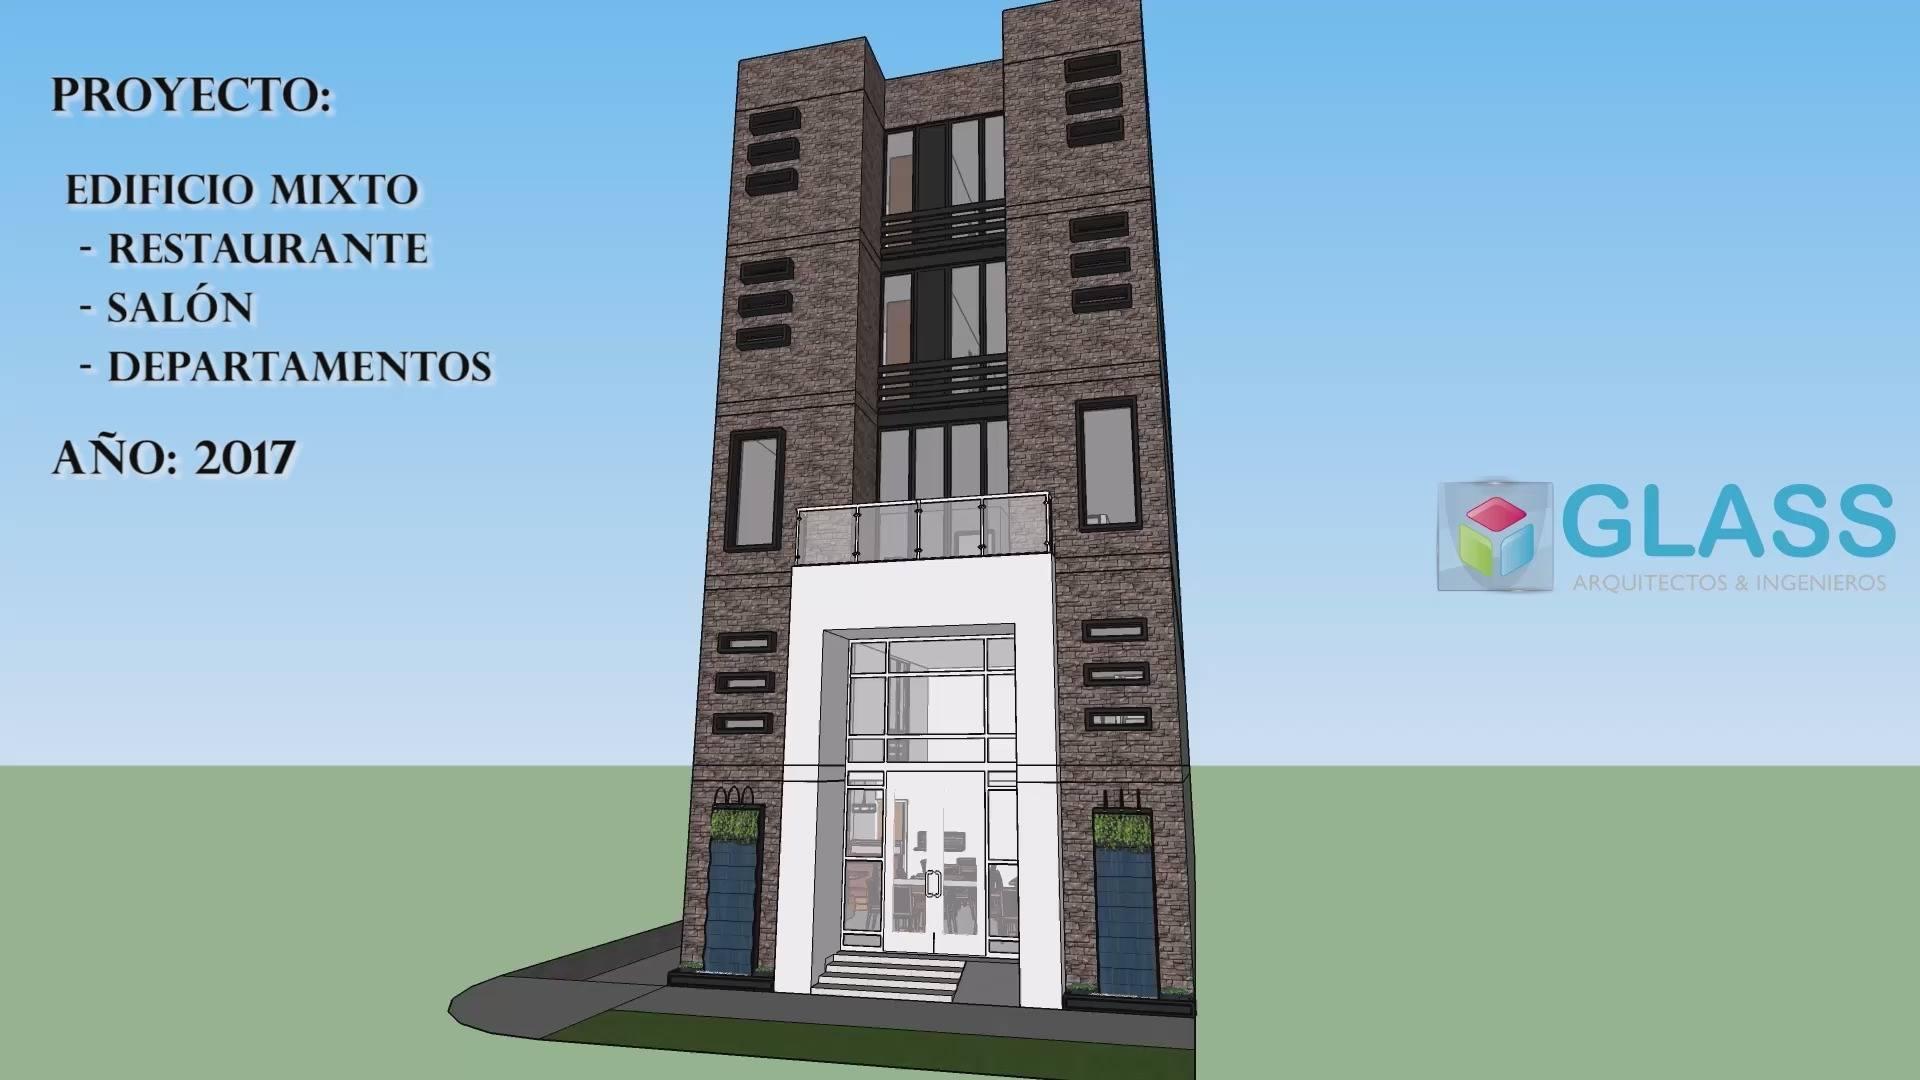 Edificio - Restaurant Salón y Departamentos